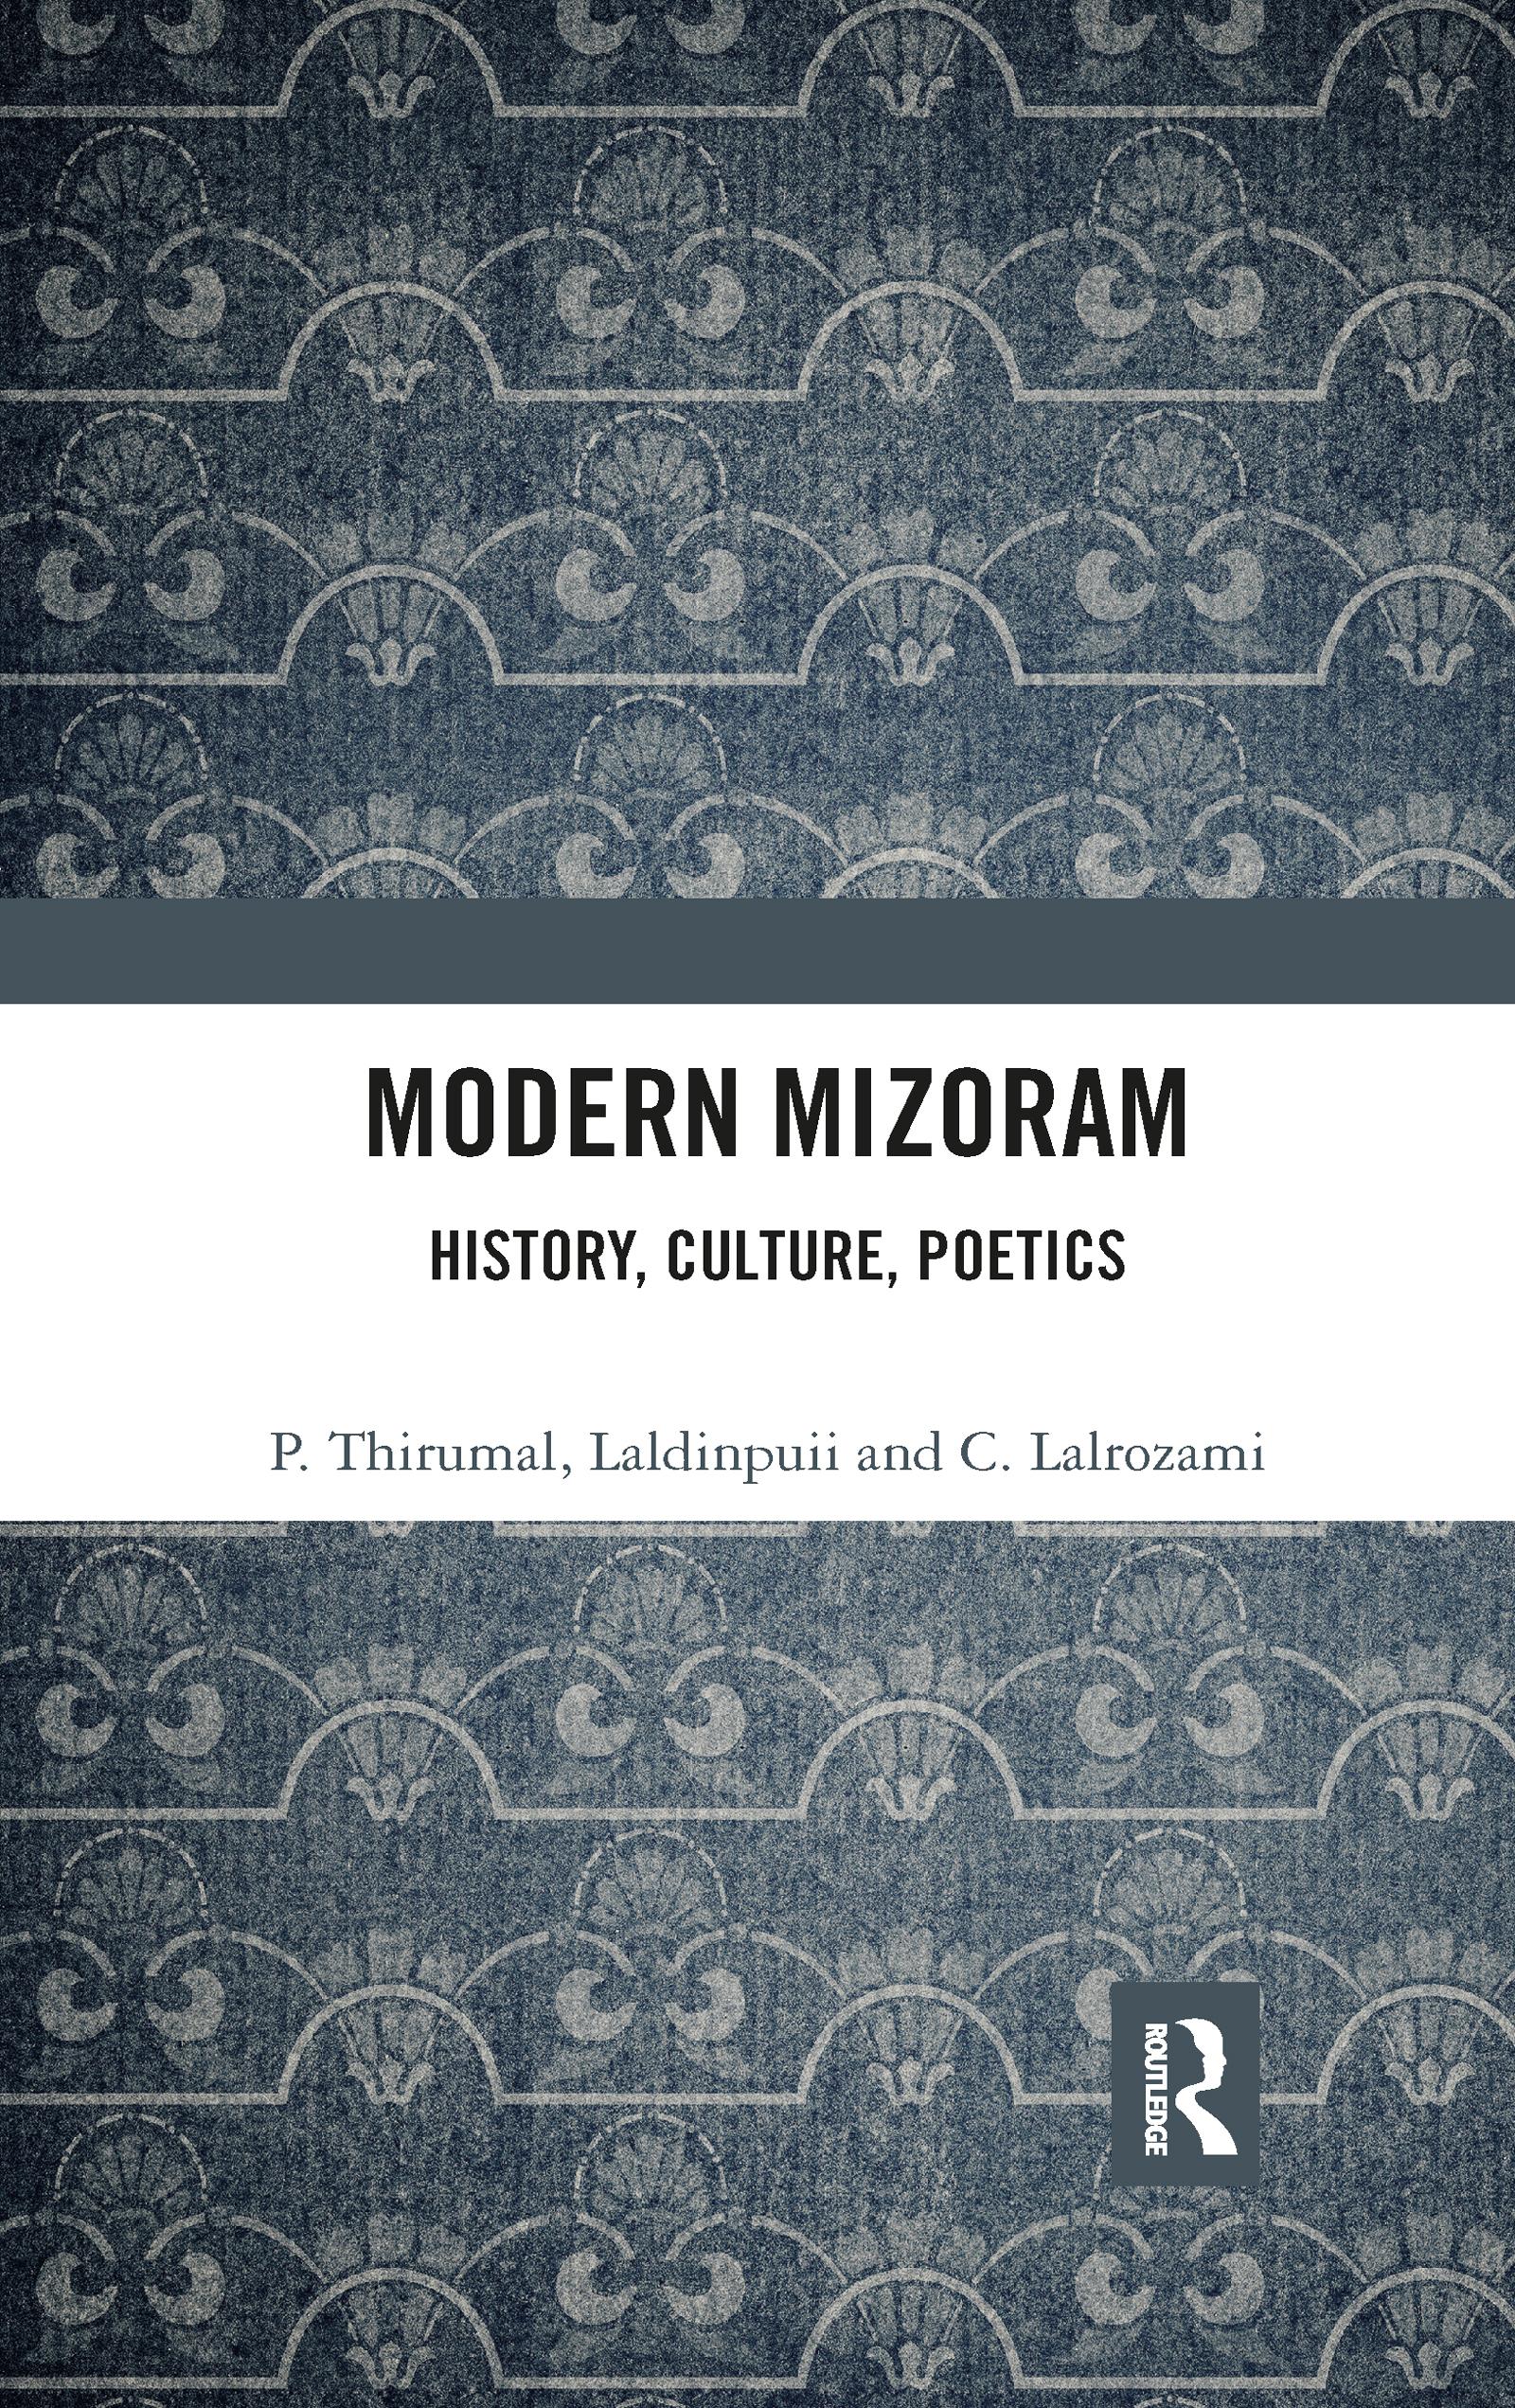 Modern Mizoram